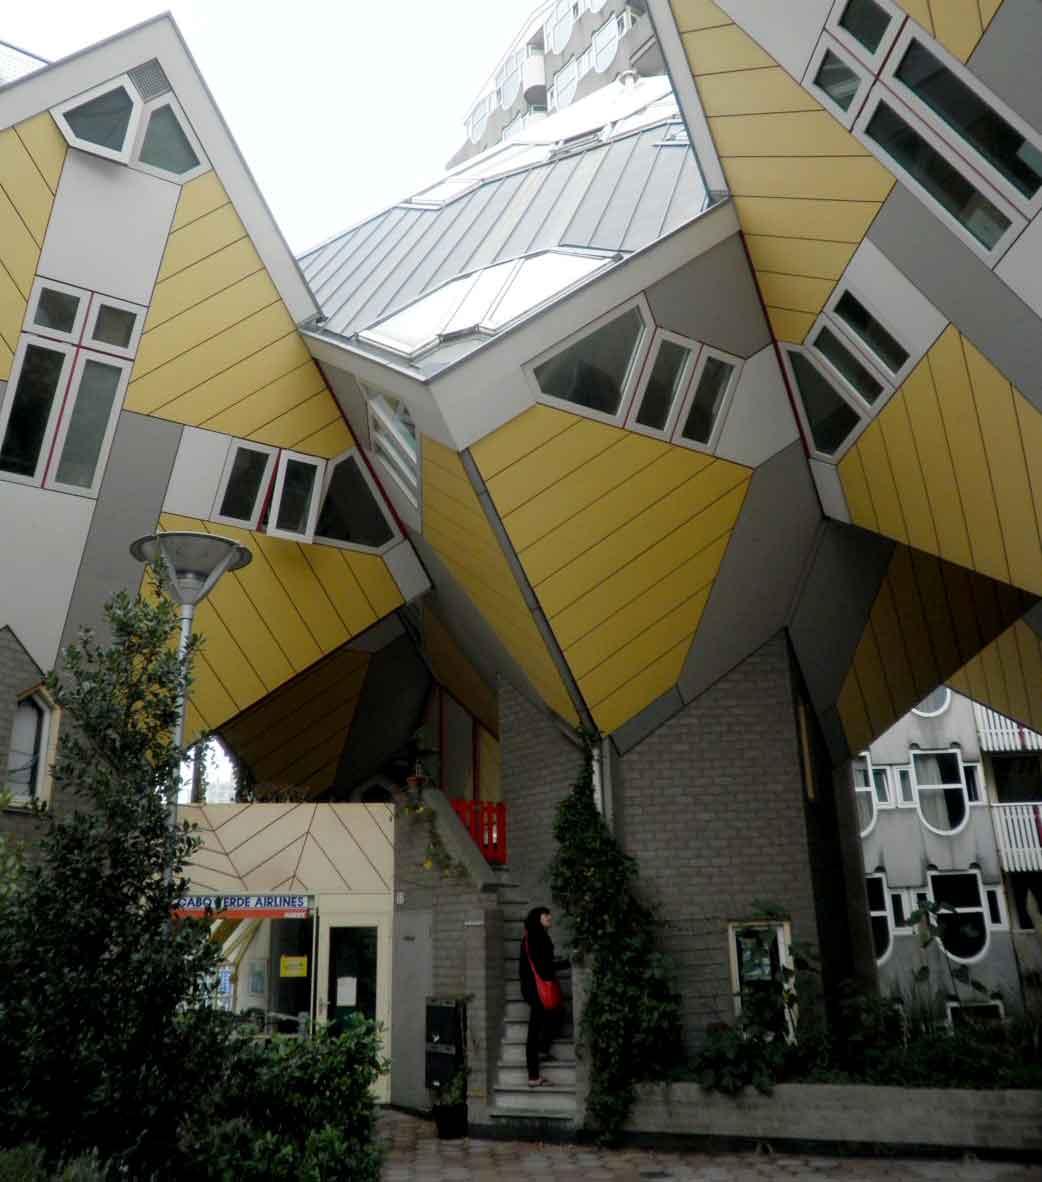 Rotterdam  un itinerario a piedi di architettura